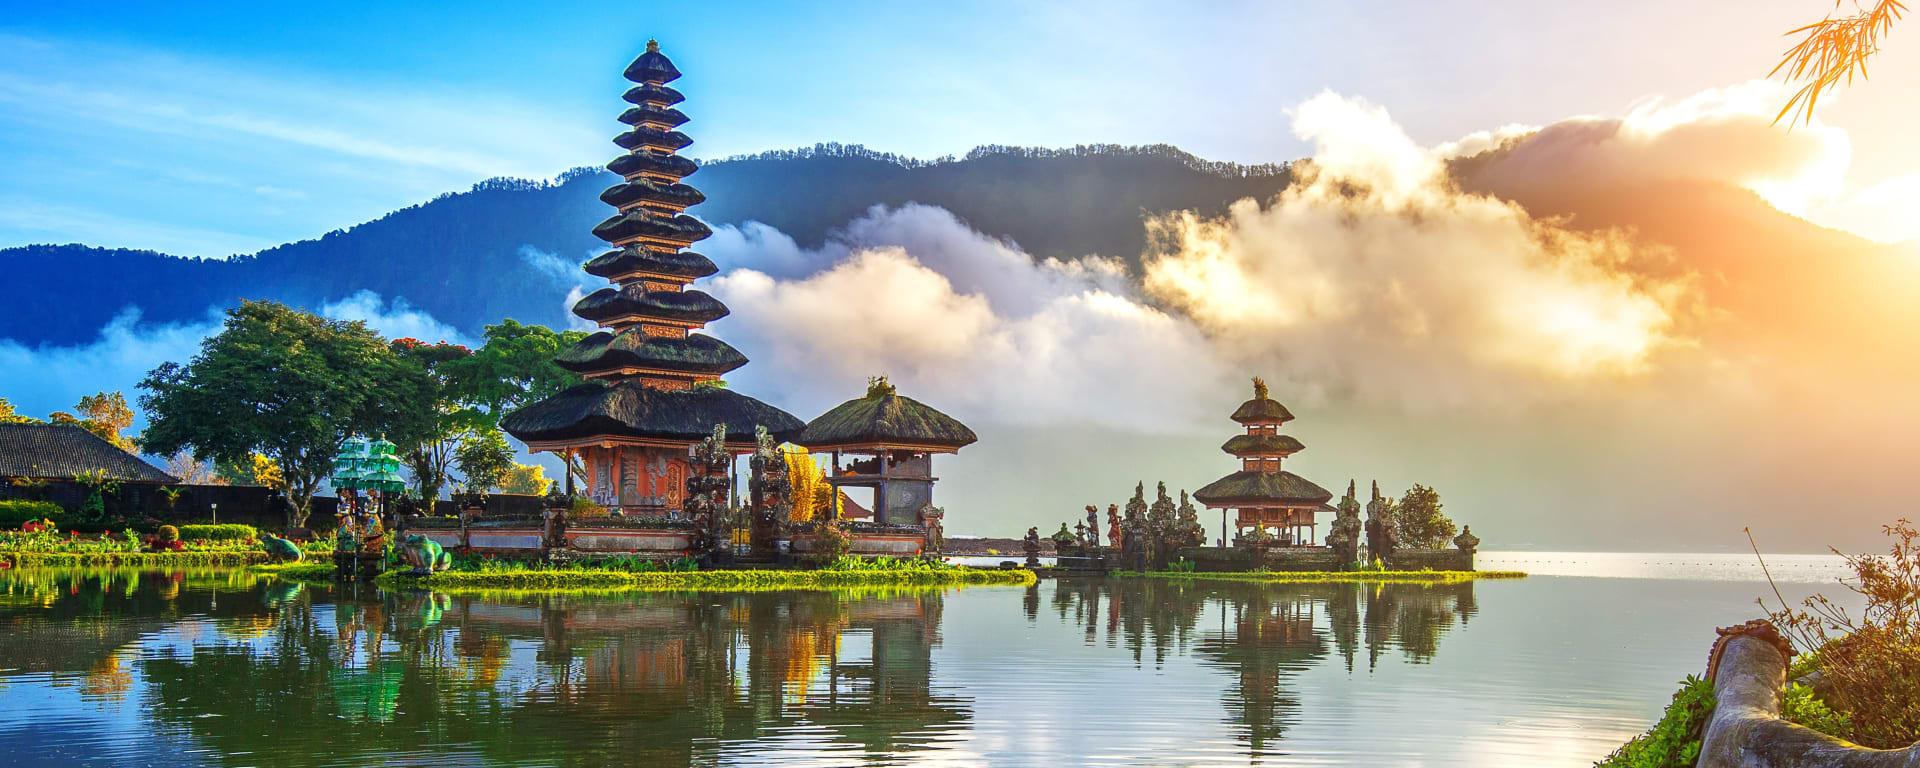 Indonesien entdecken mit Tischler Reisen: Indonesien Bali Pura Ulun Danu Bratan